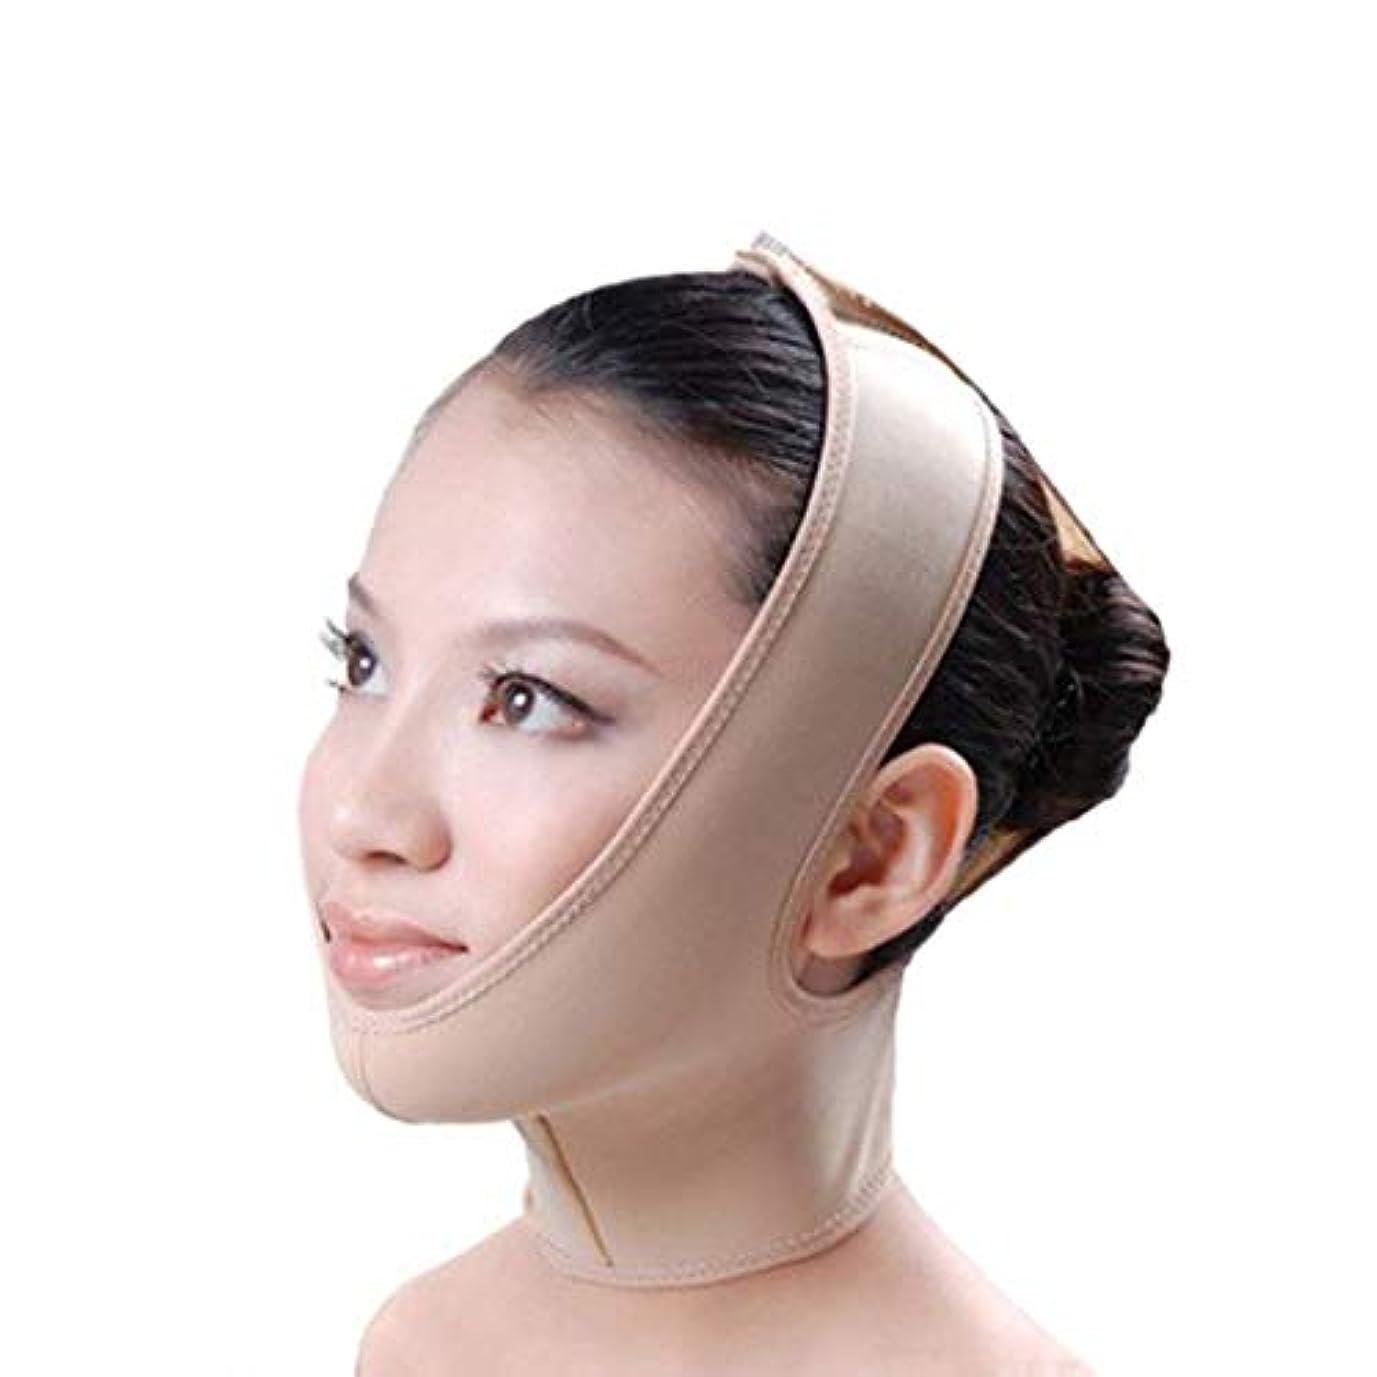 戦いバクテリアフィットフェイススリム、リフティングマスク、包帯リフト、二重あご、引き締めフェイシャルリフト、フェイシャル減量マスク、リフティングスキン包帯(サイズ:XL),M